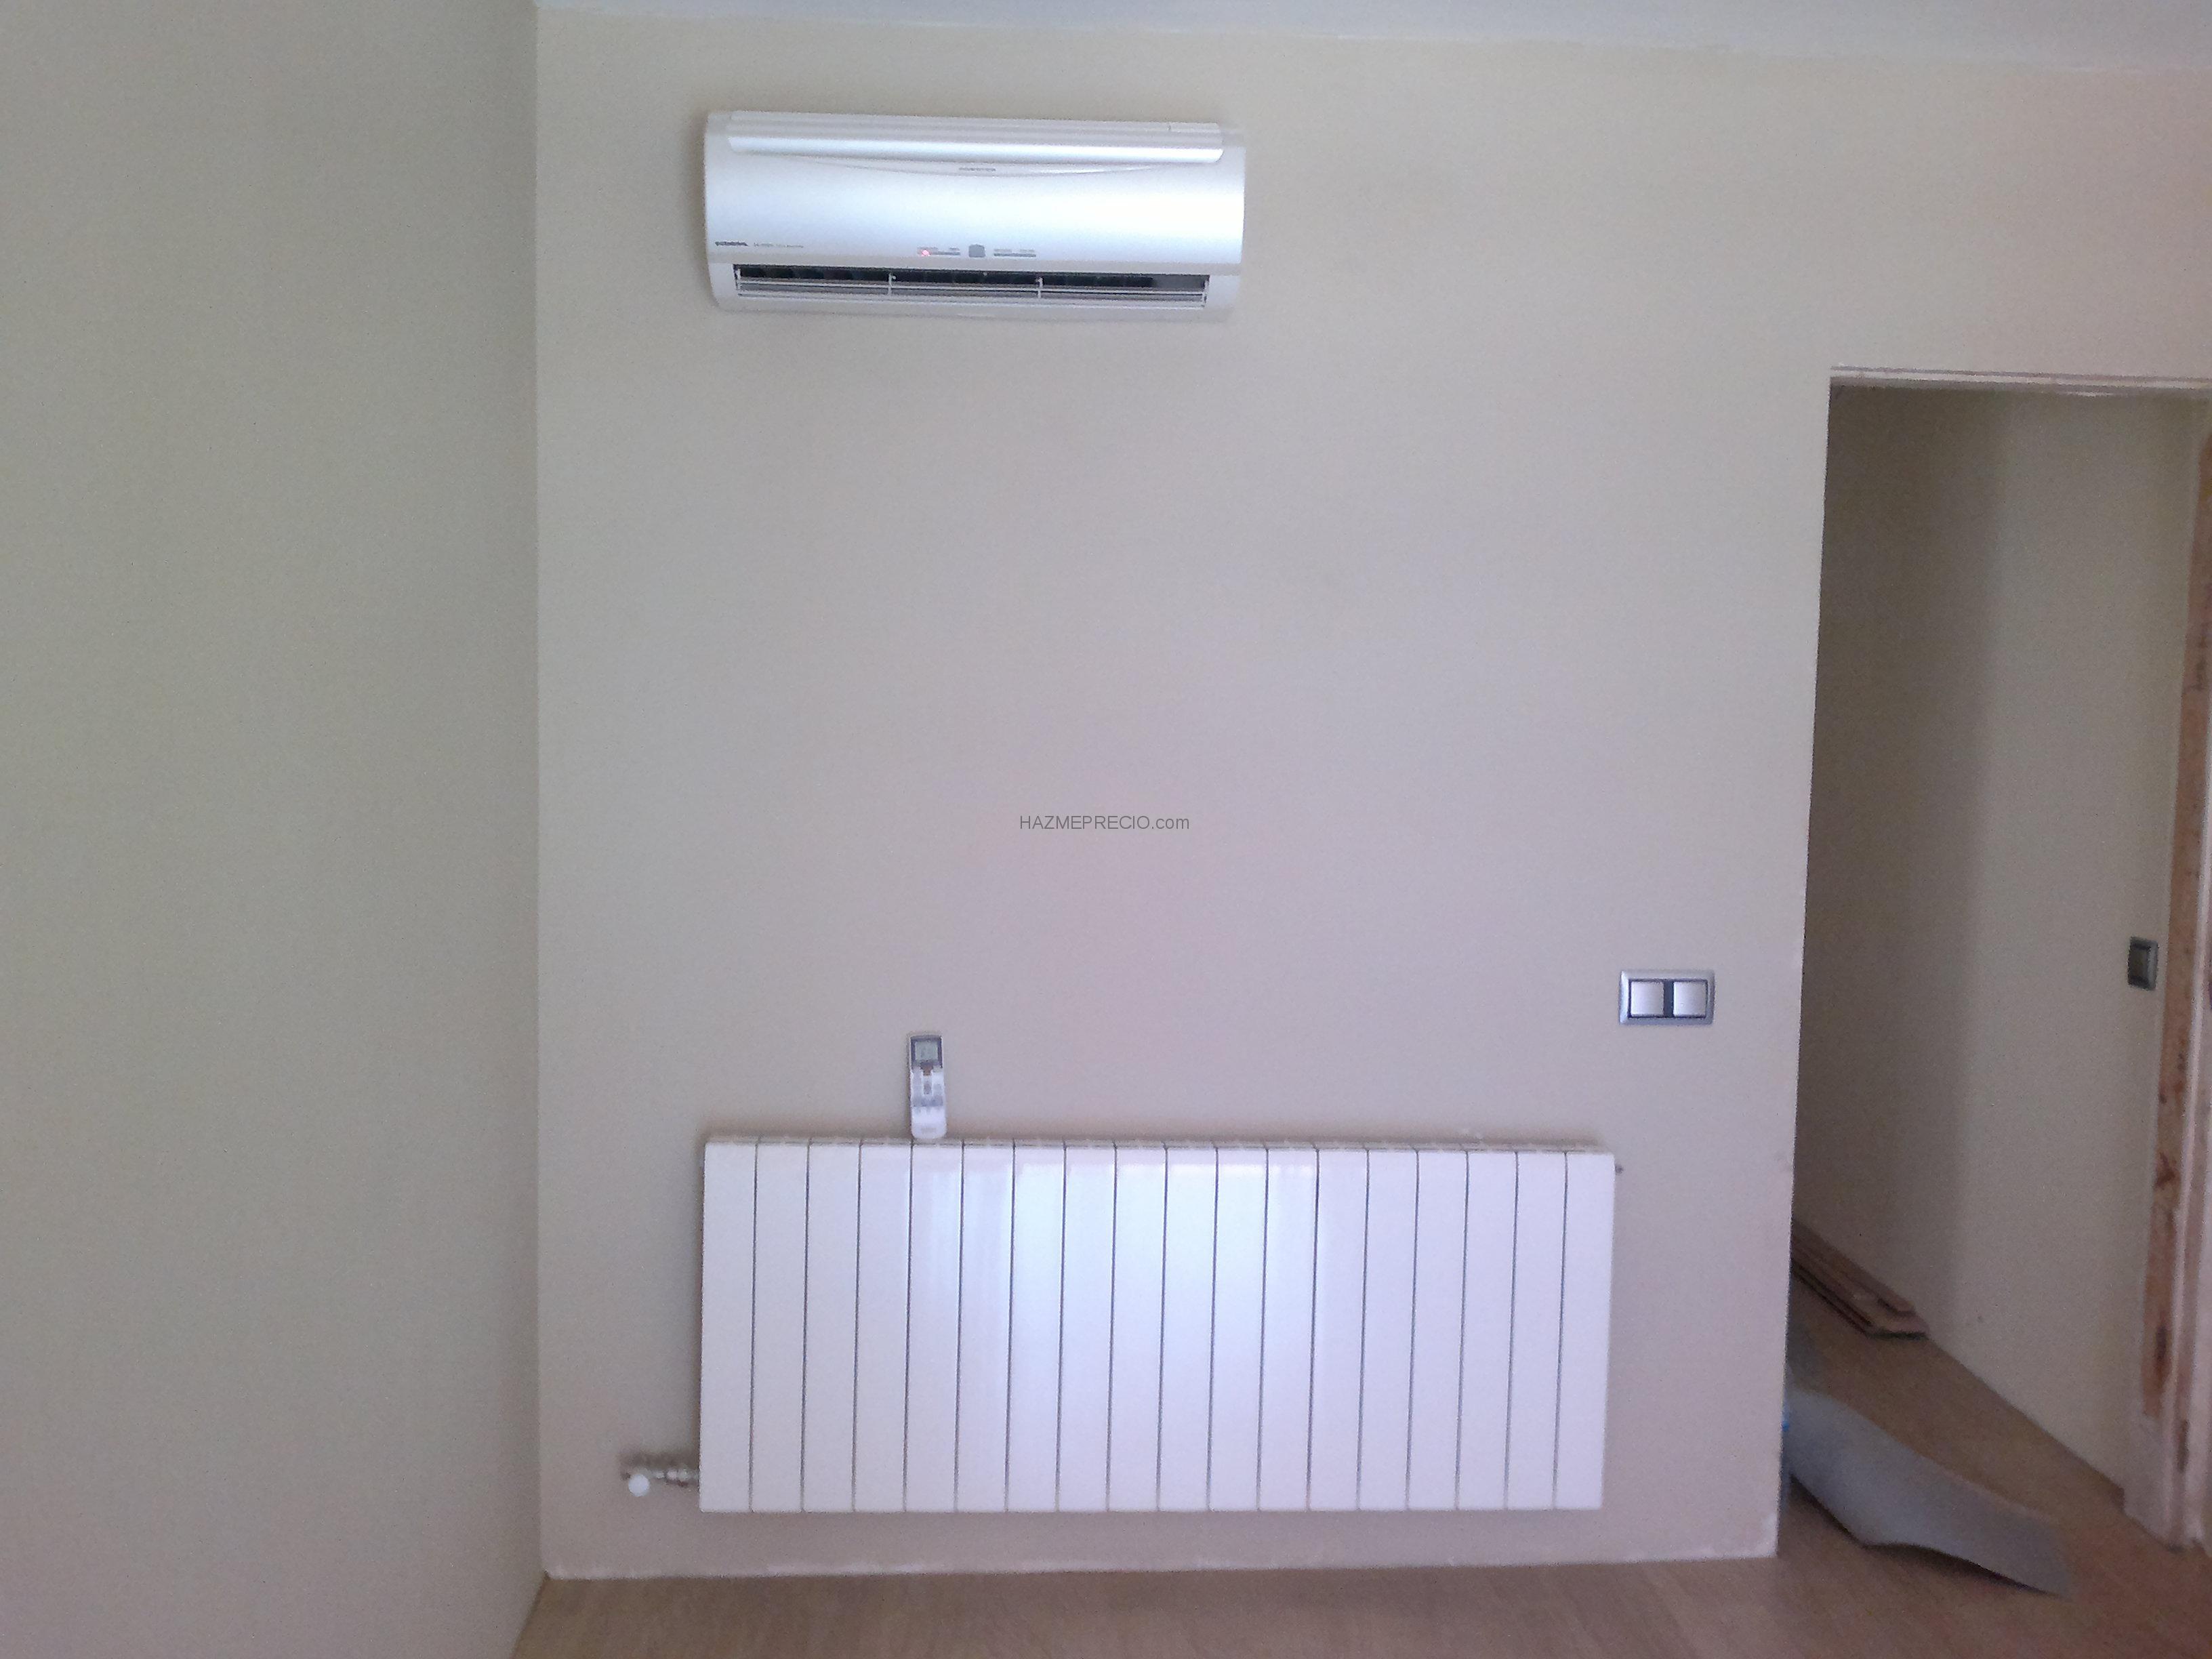 Mobili da italia qualit precios radiadores calefaccion for Radiadores calefaccion central precios